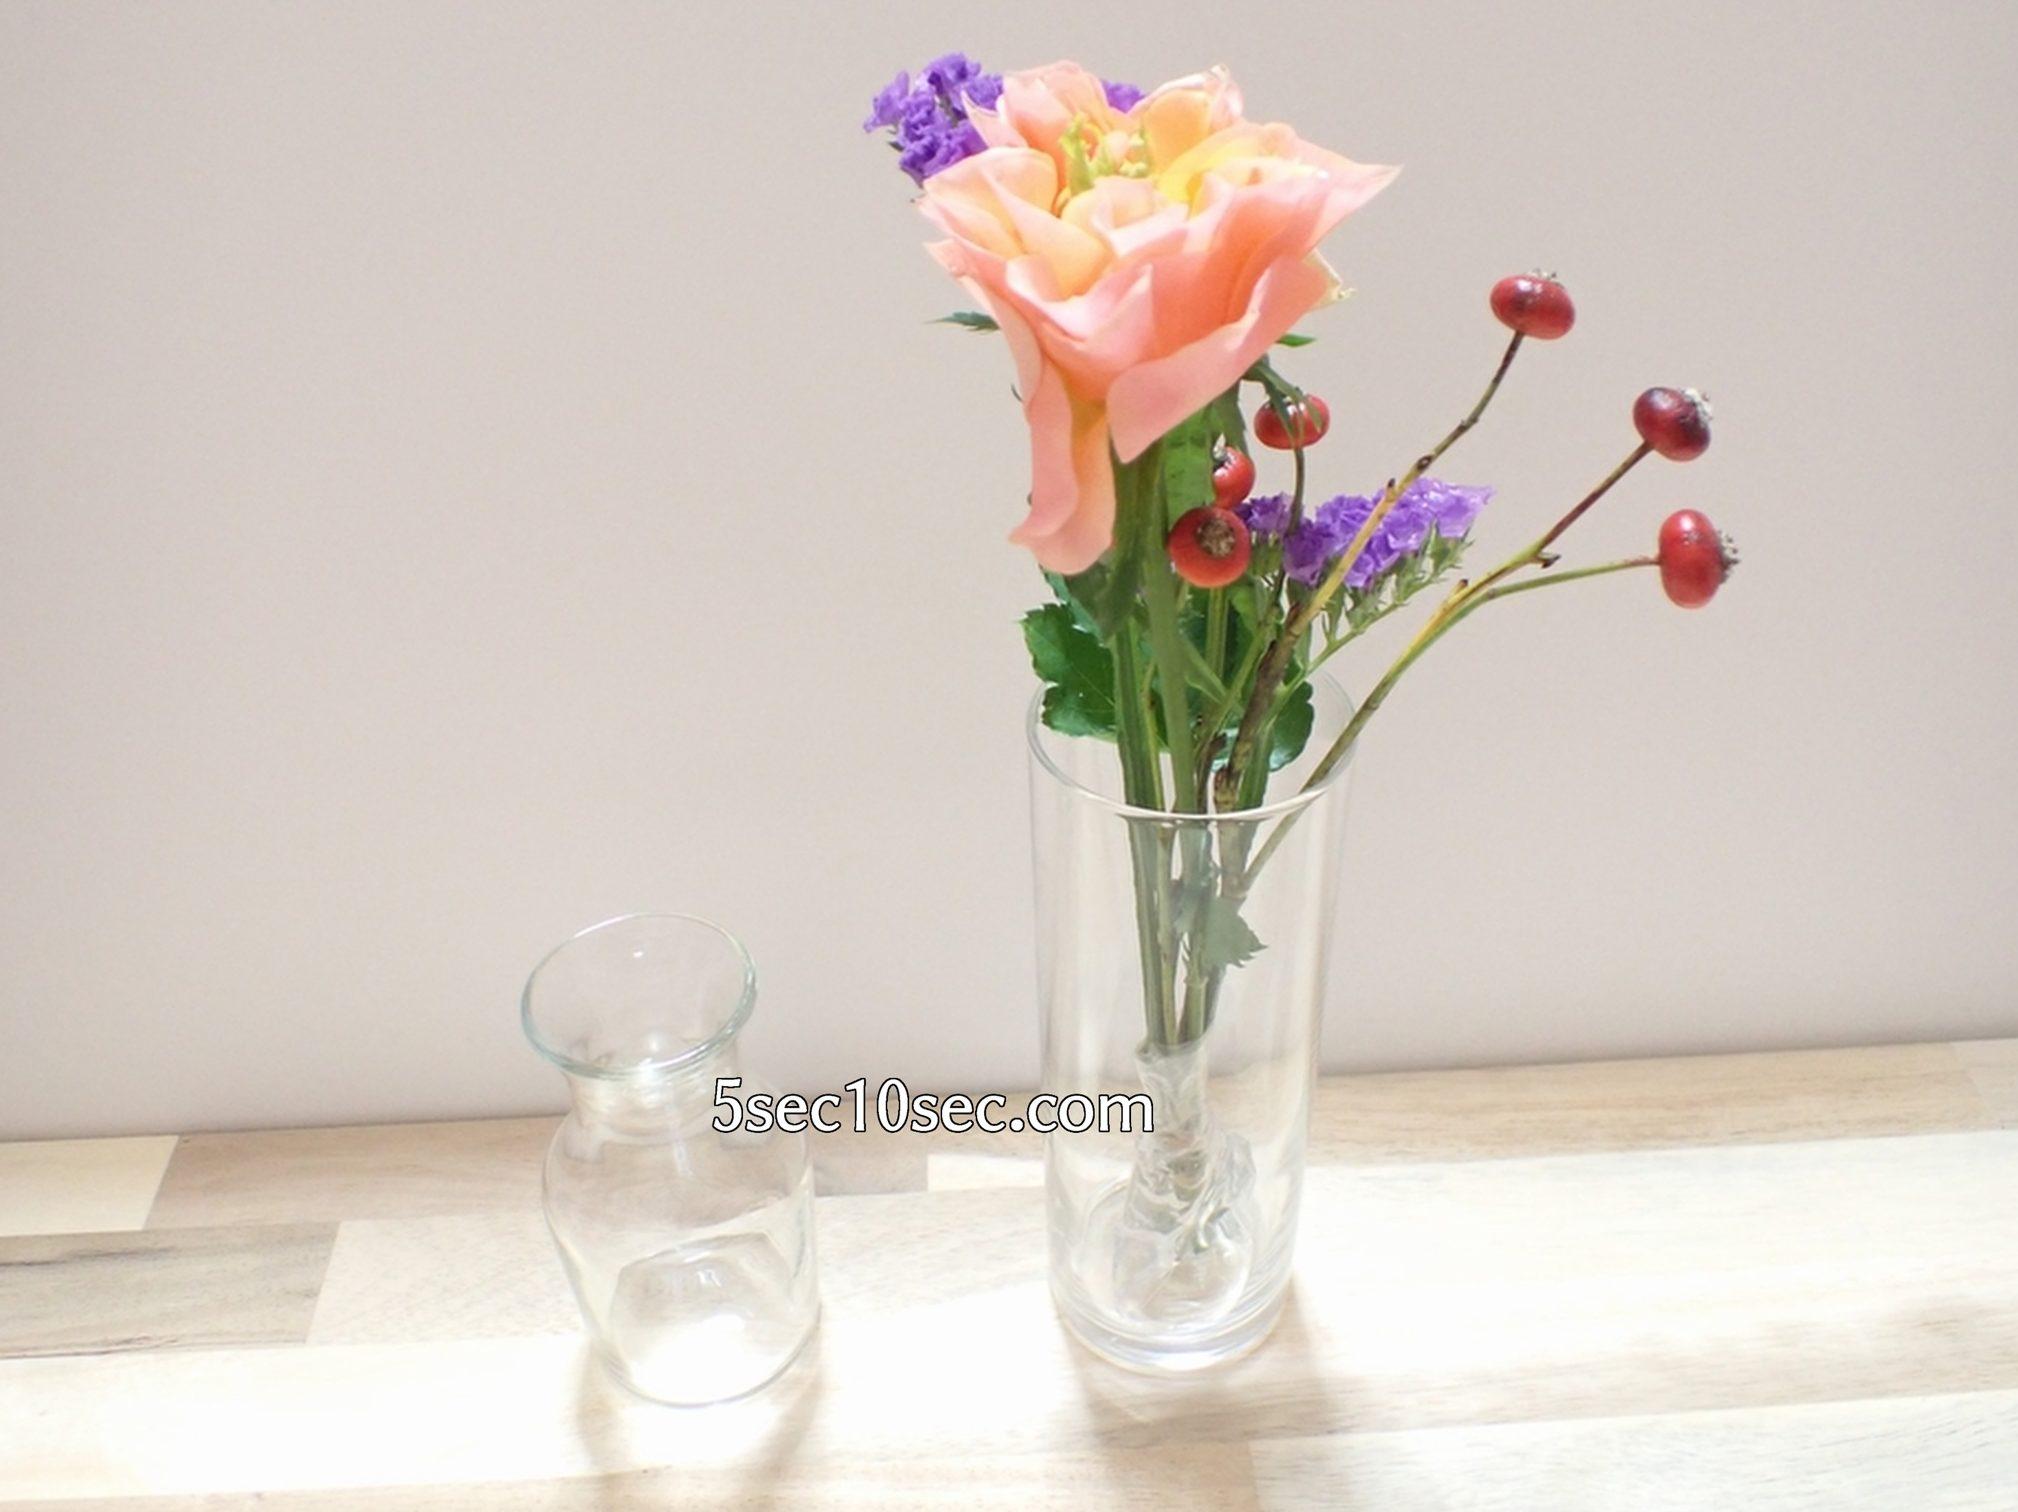 株式会社Crunch Style お花の定期便 Bloomee LIFE ブルーミーライフ 500円(税別・送料別)の体験プラン シリンダーにお花を生けた写真